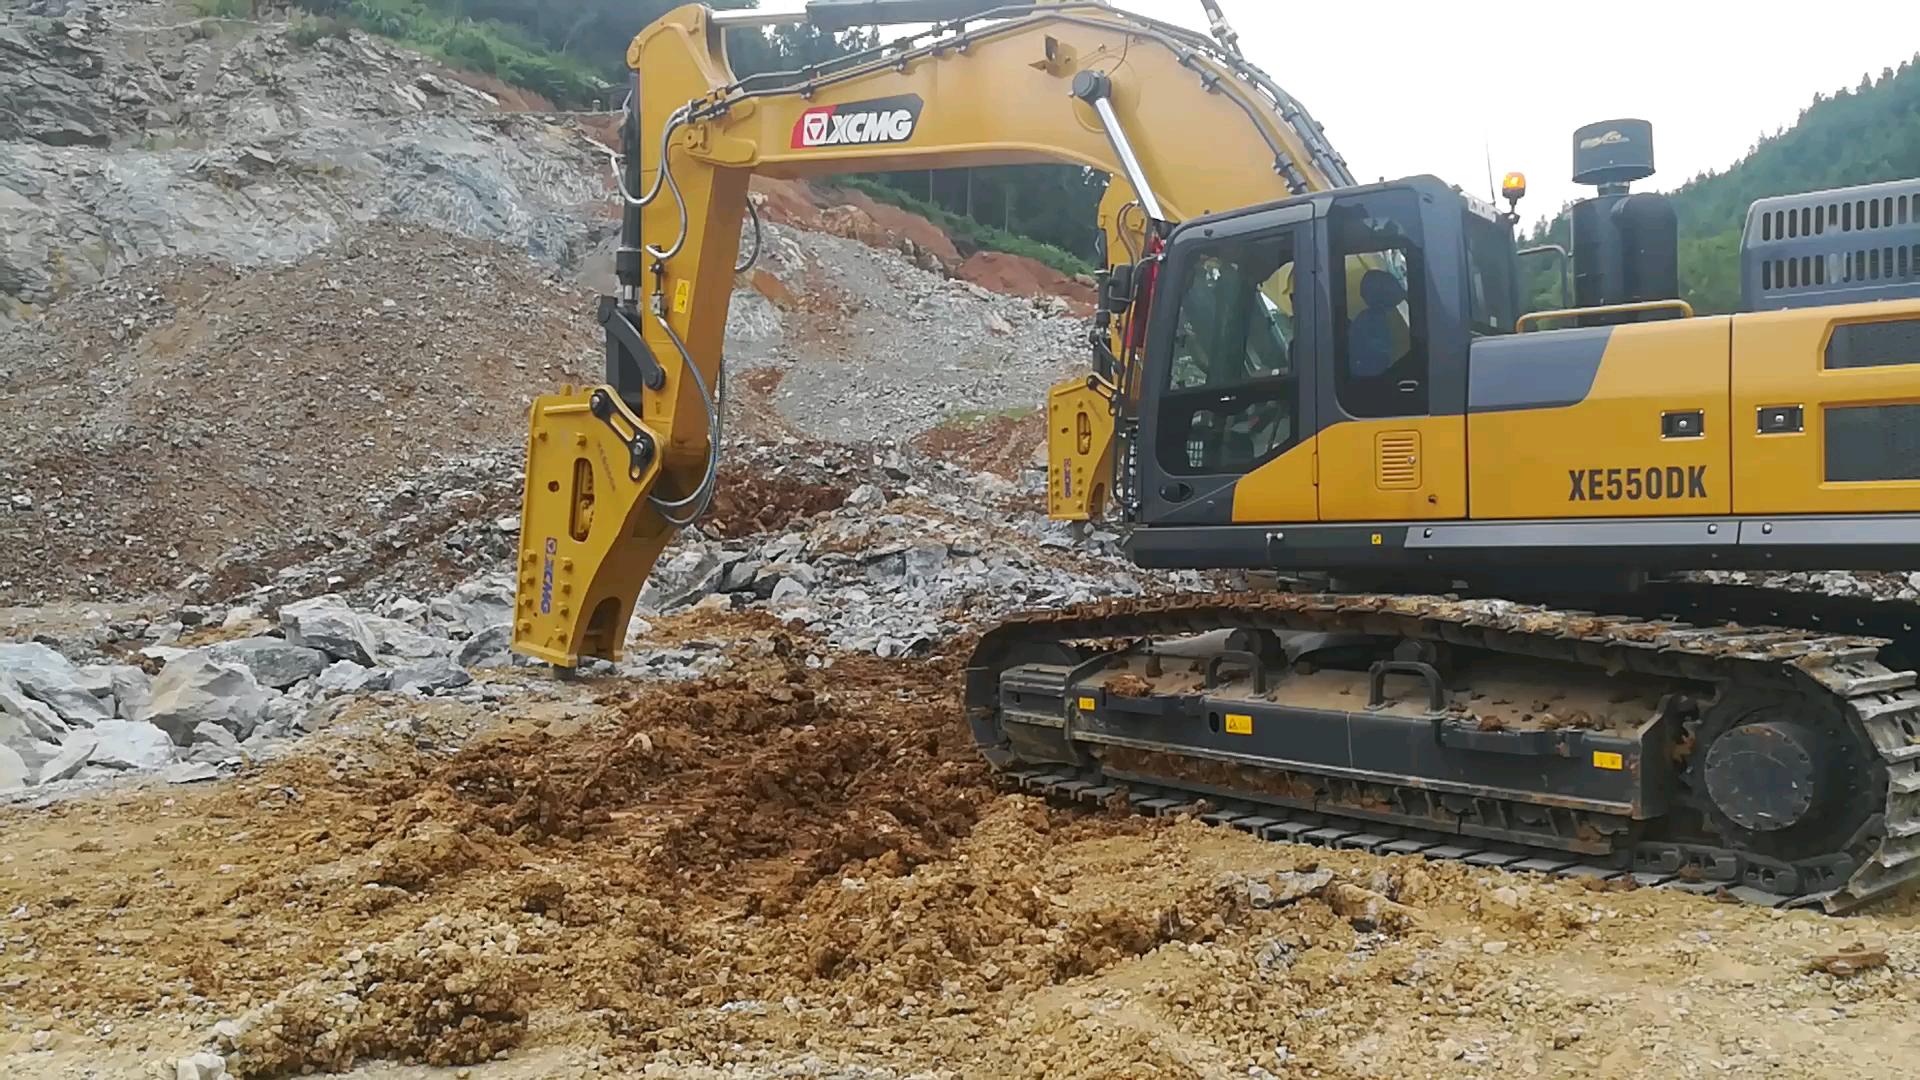 【直播貼】綠色礦山,徐工挖機大有可為-帖子圖片